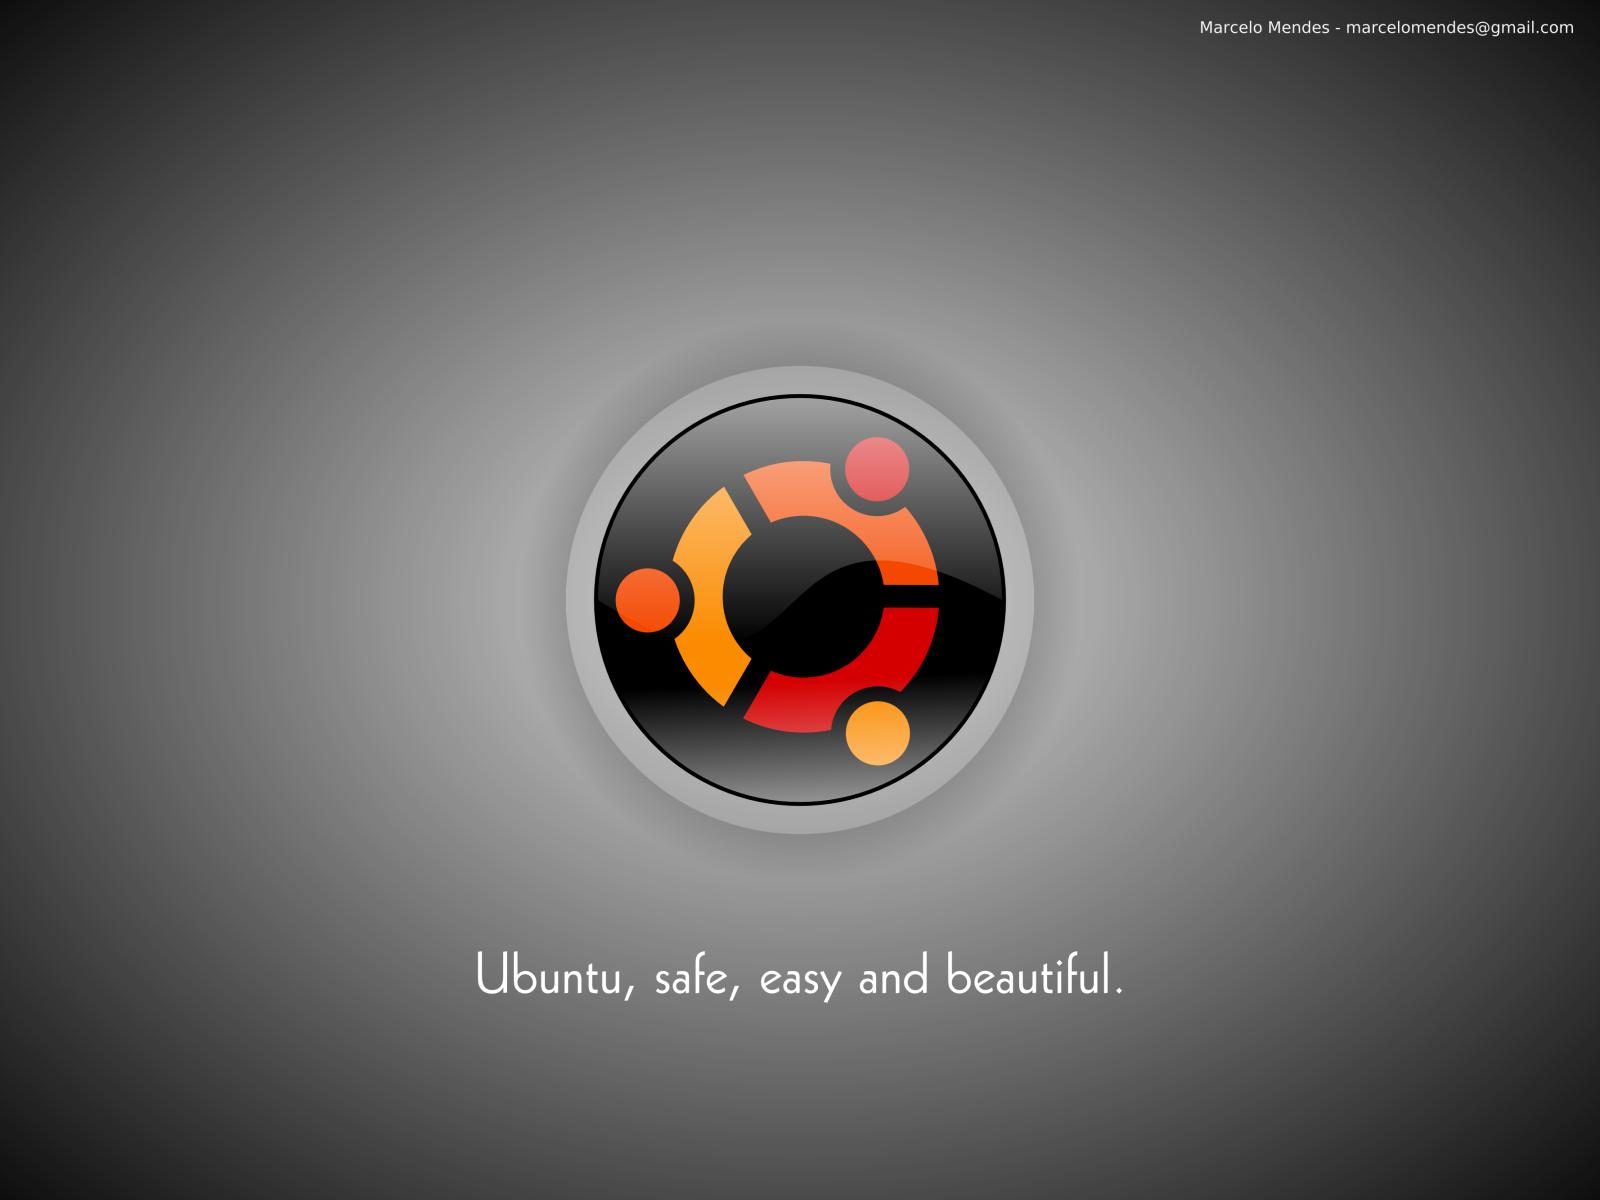 ubuntu wallpaper easy 250x250 Wallpapers Ubuntu 1600x1200